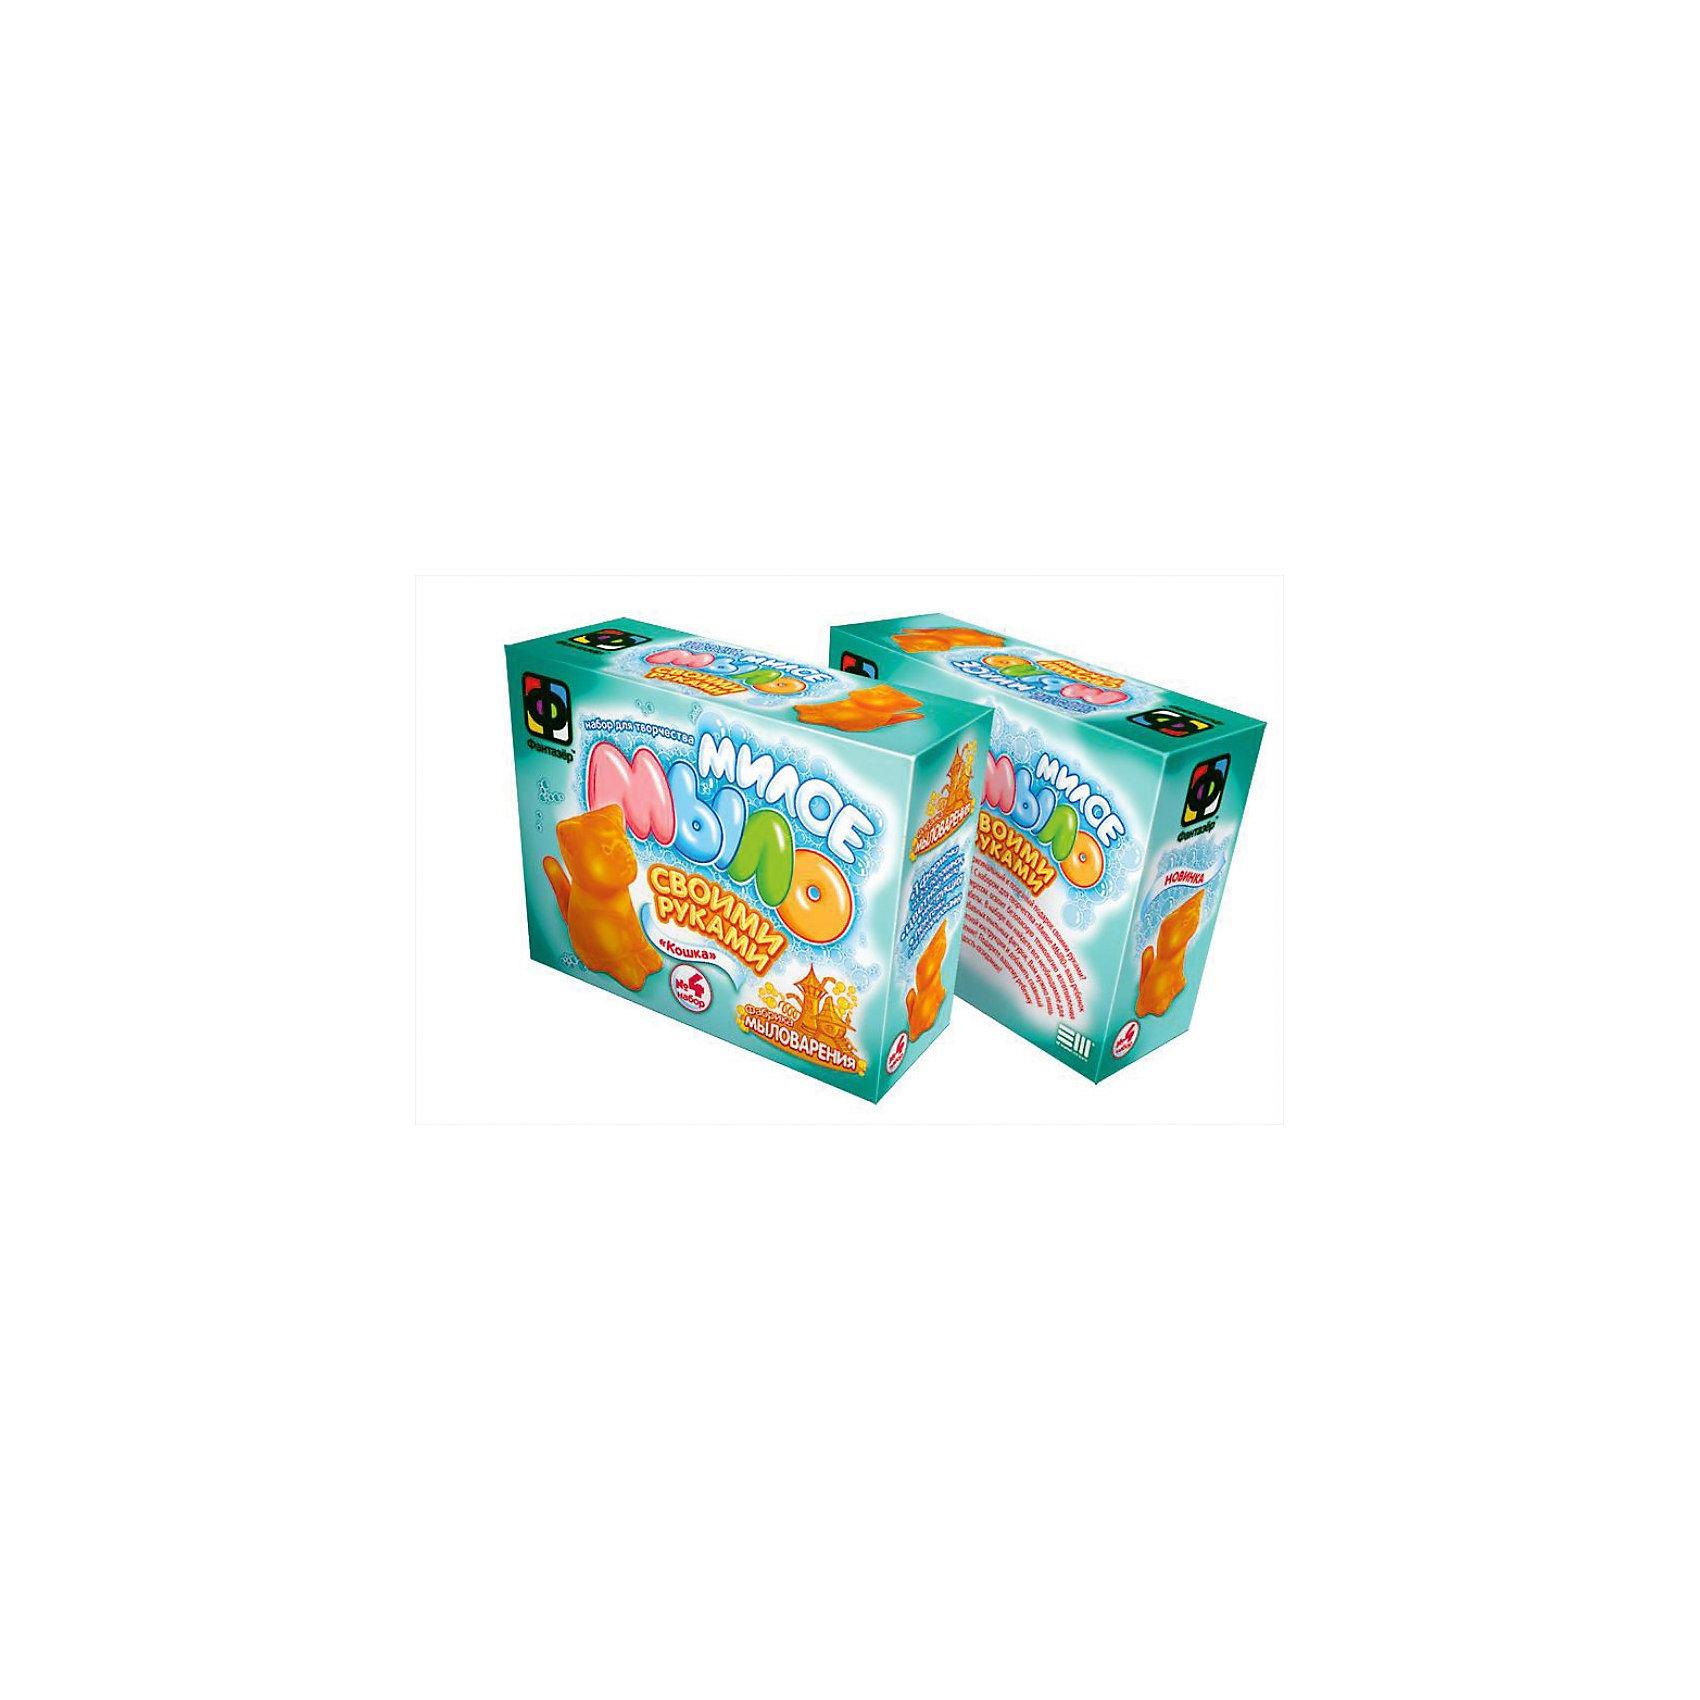 Фантазер Милое мыло Кошка, Фантазер набор д творчества набор для изготовления мыла своими руками футбол 2700000016718